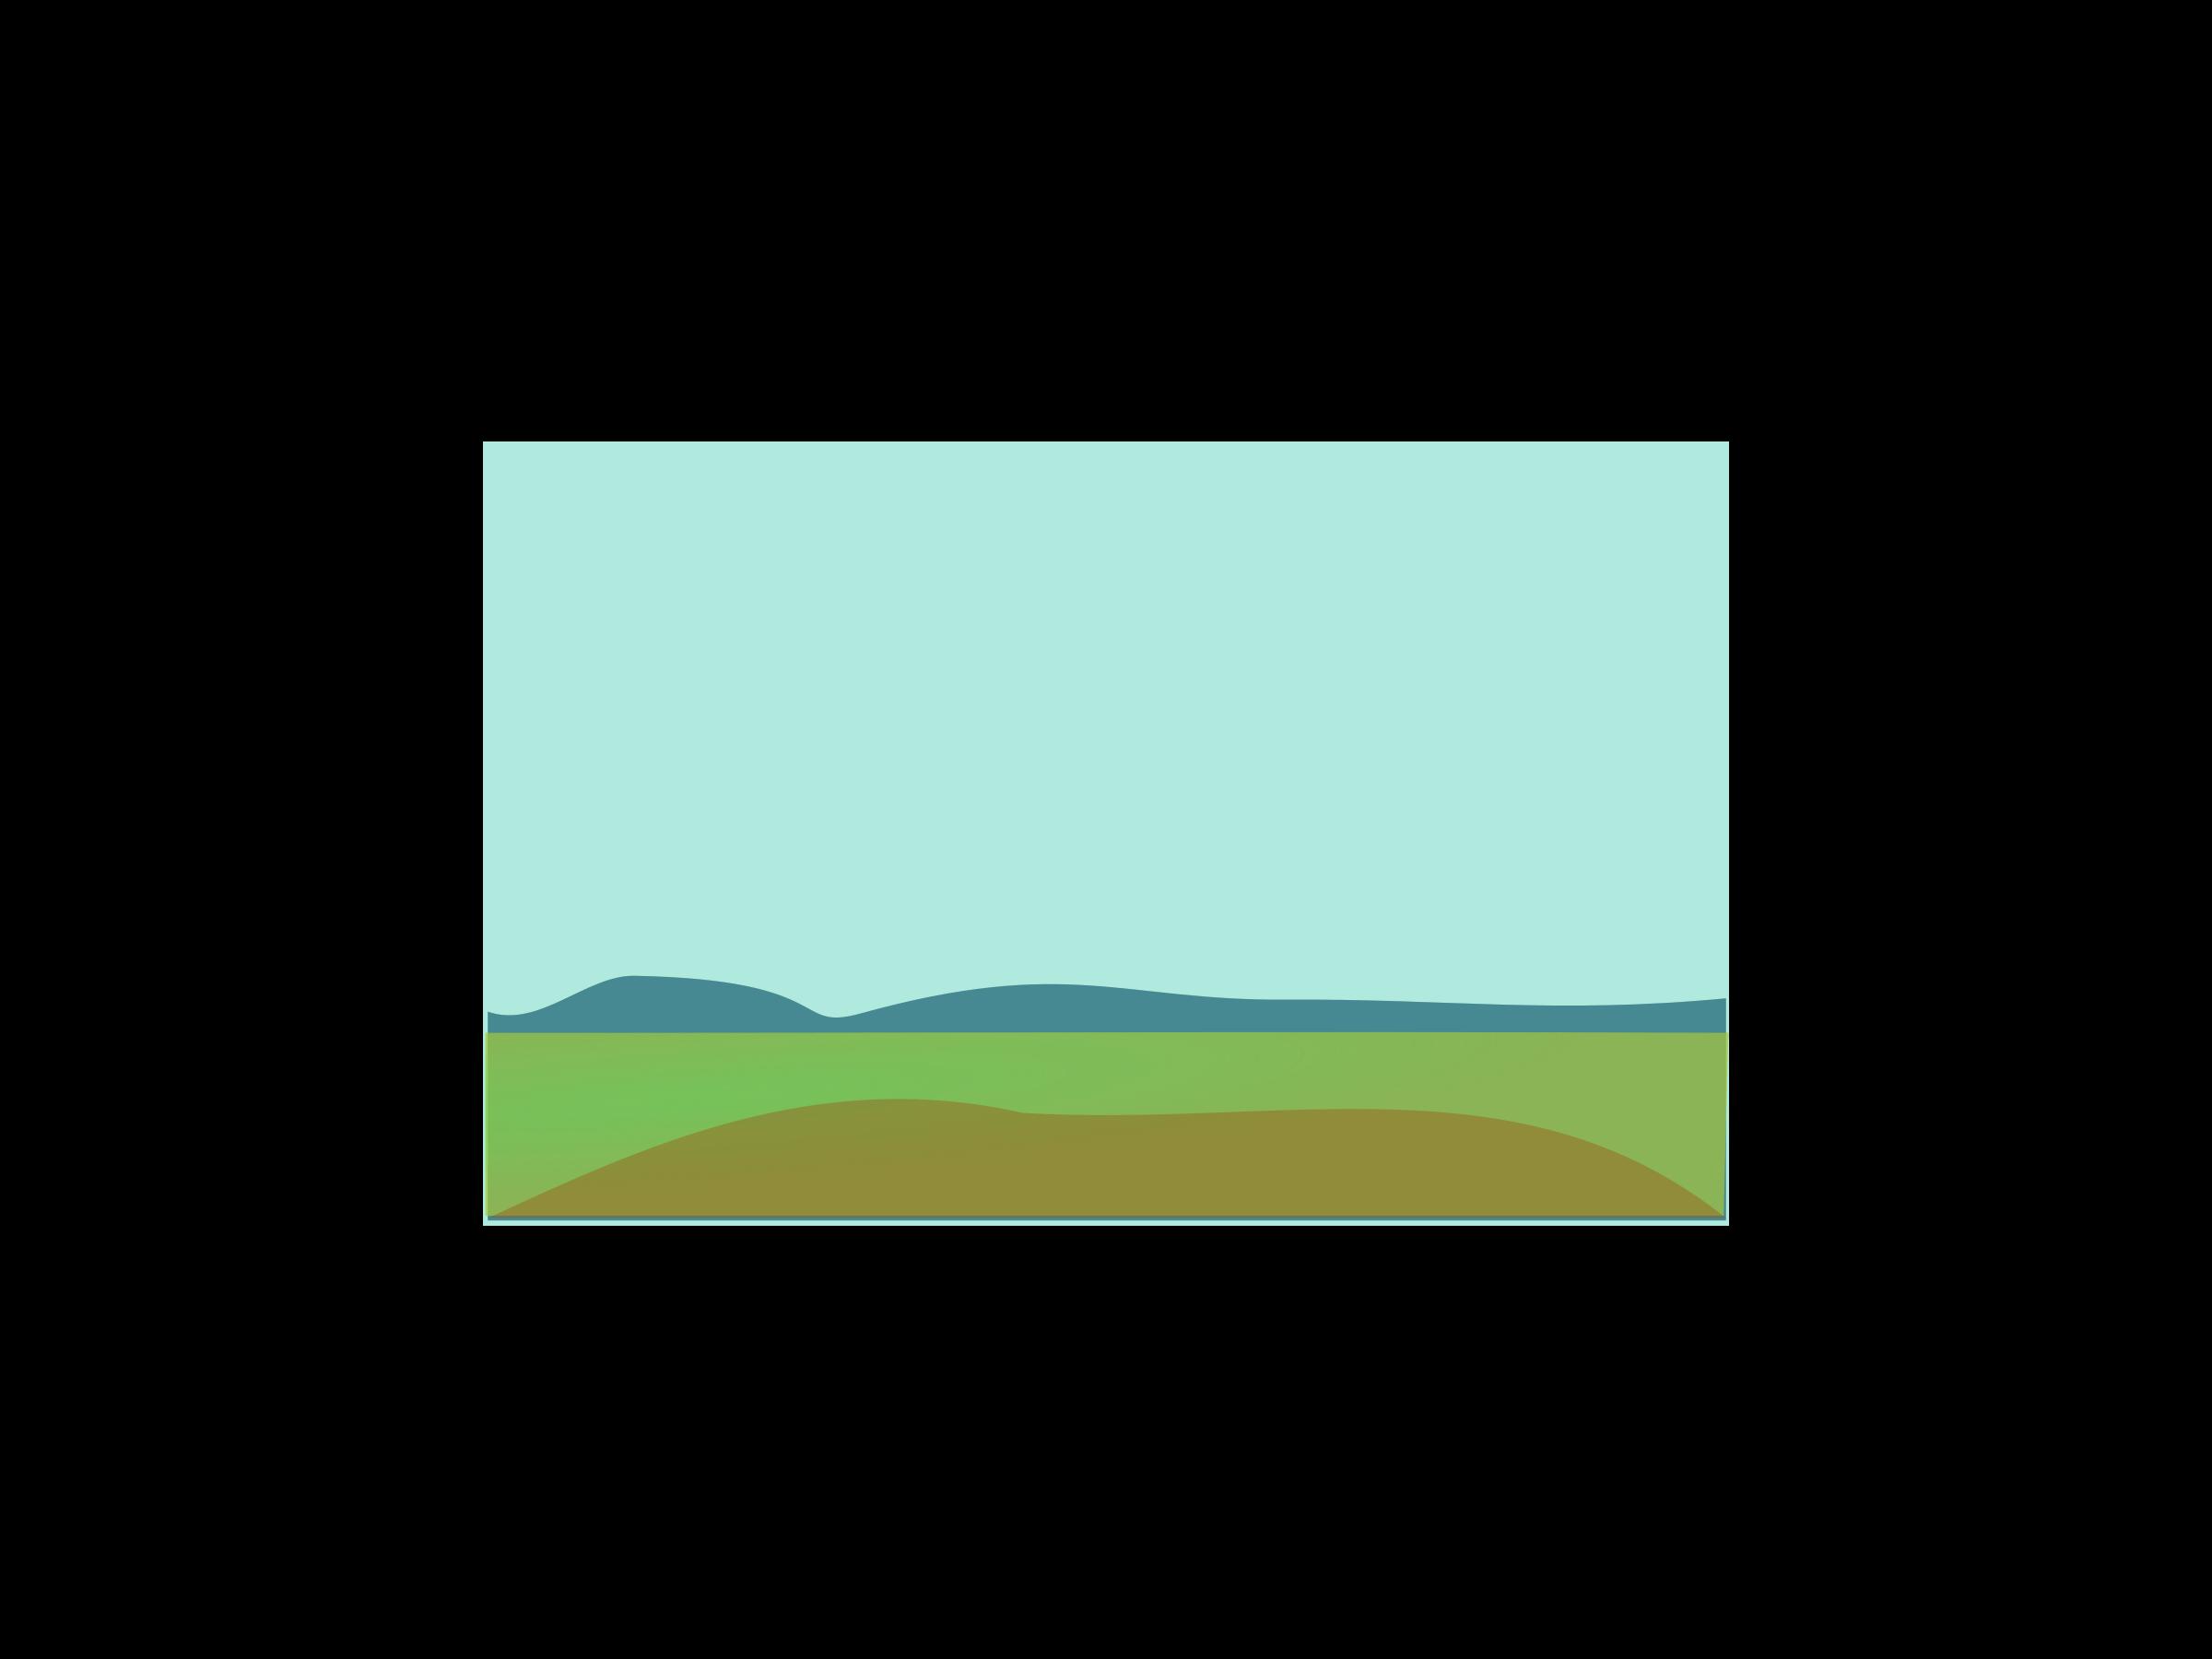 Big image png. Hills clipart plain landscape